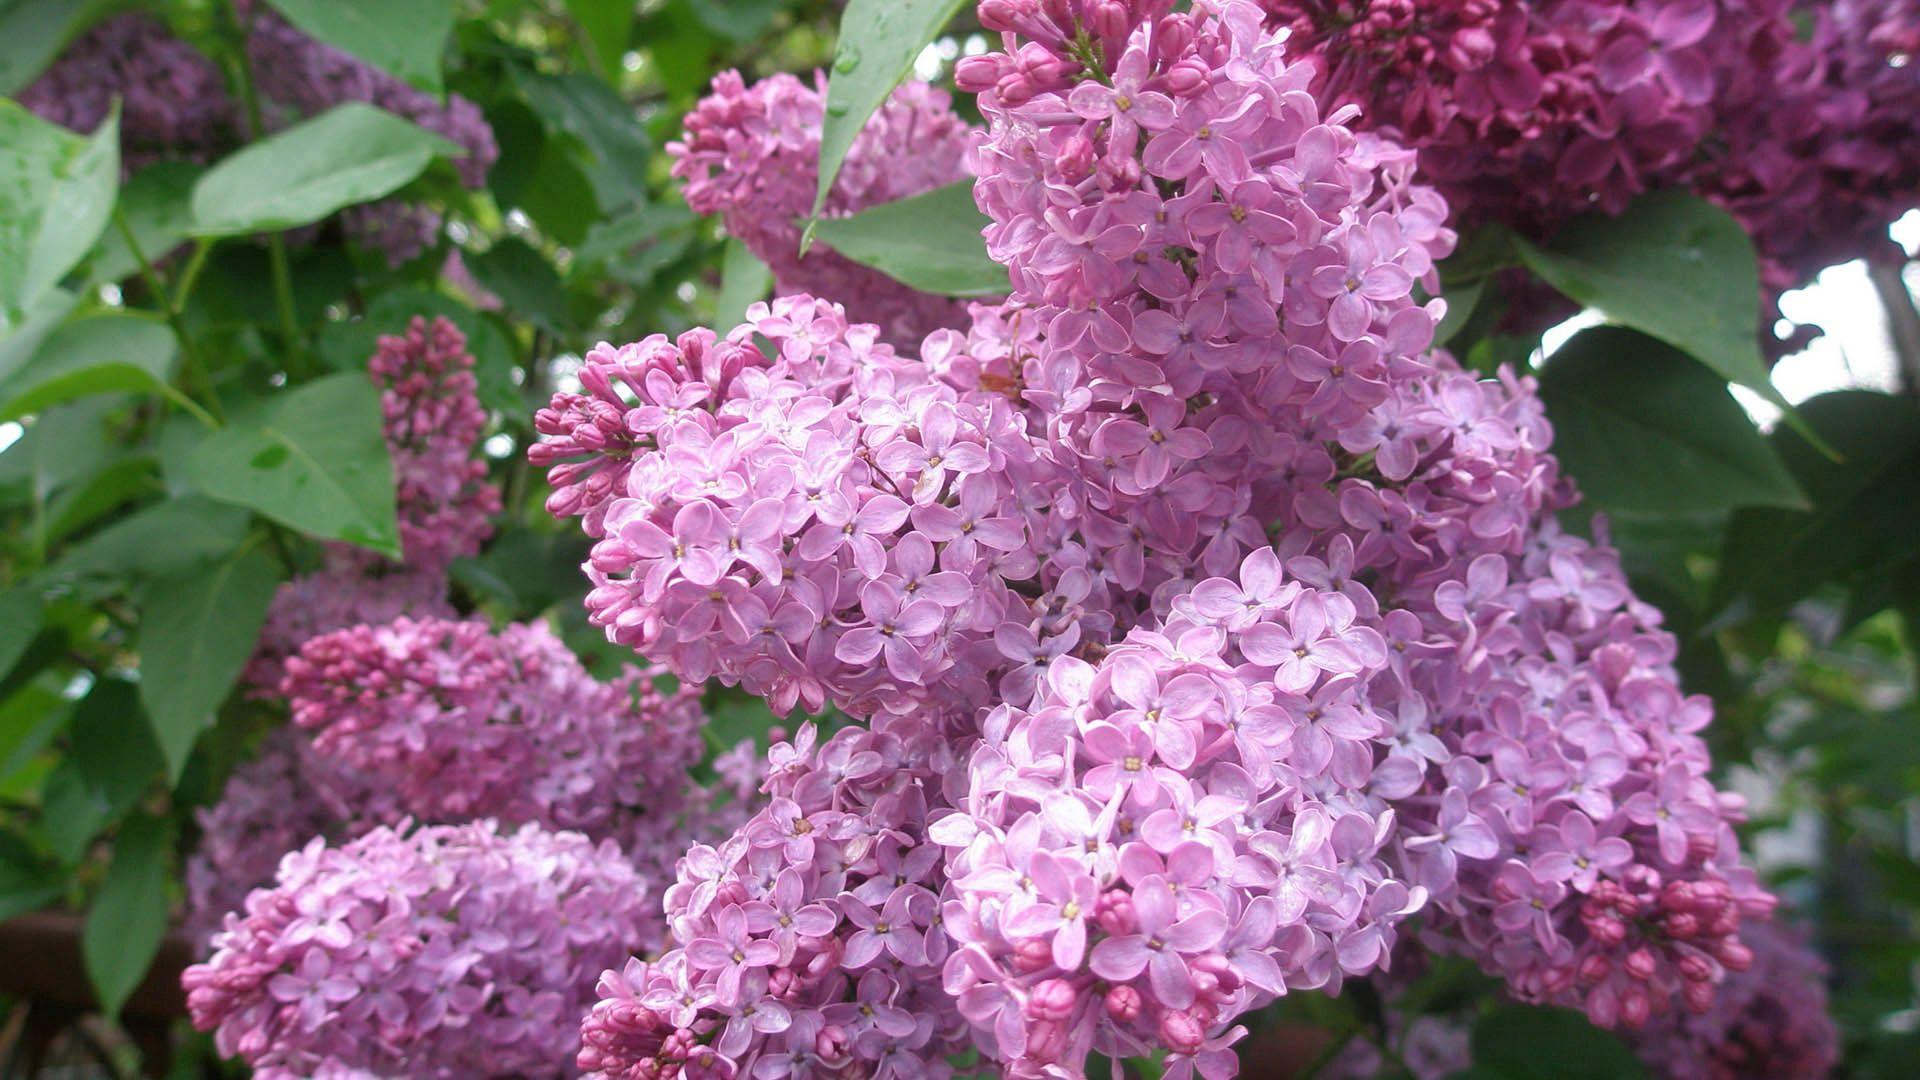 119136 Hintergrundbild herunterladen Blumen, Lilac, Pflanze, Knospe, Bud - Bildschirmschoner und Bilder kostenlos